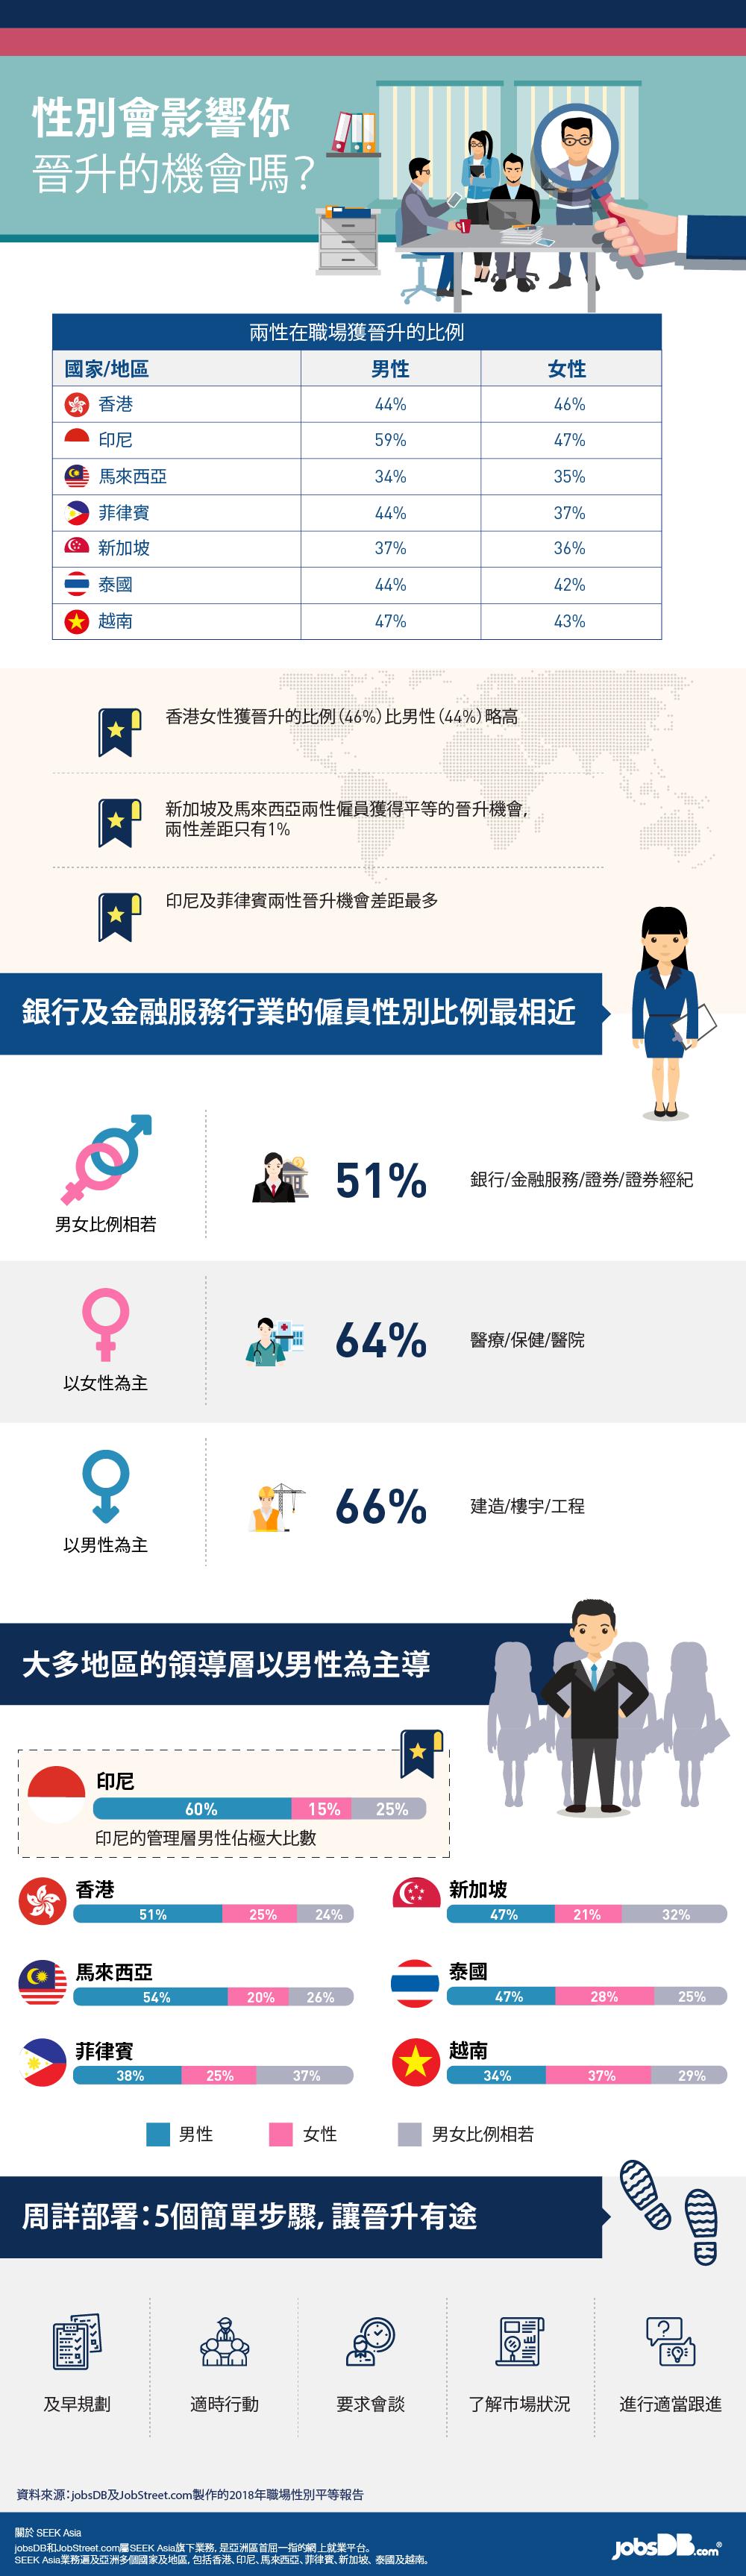 當職場待遇存在性別差異, 如何爭取晉升機會?